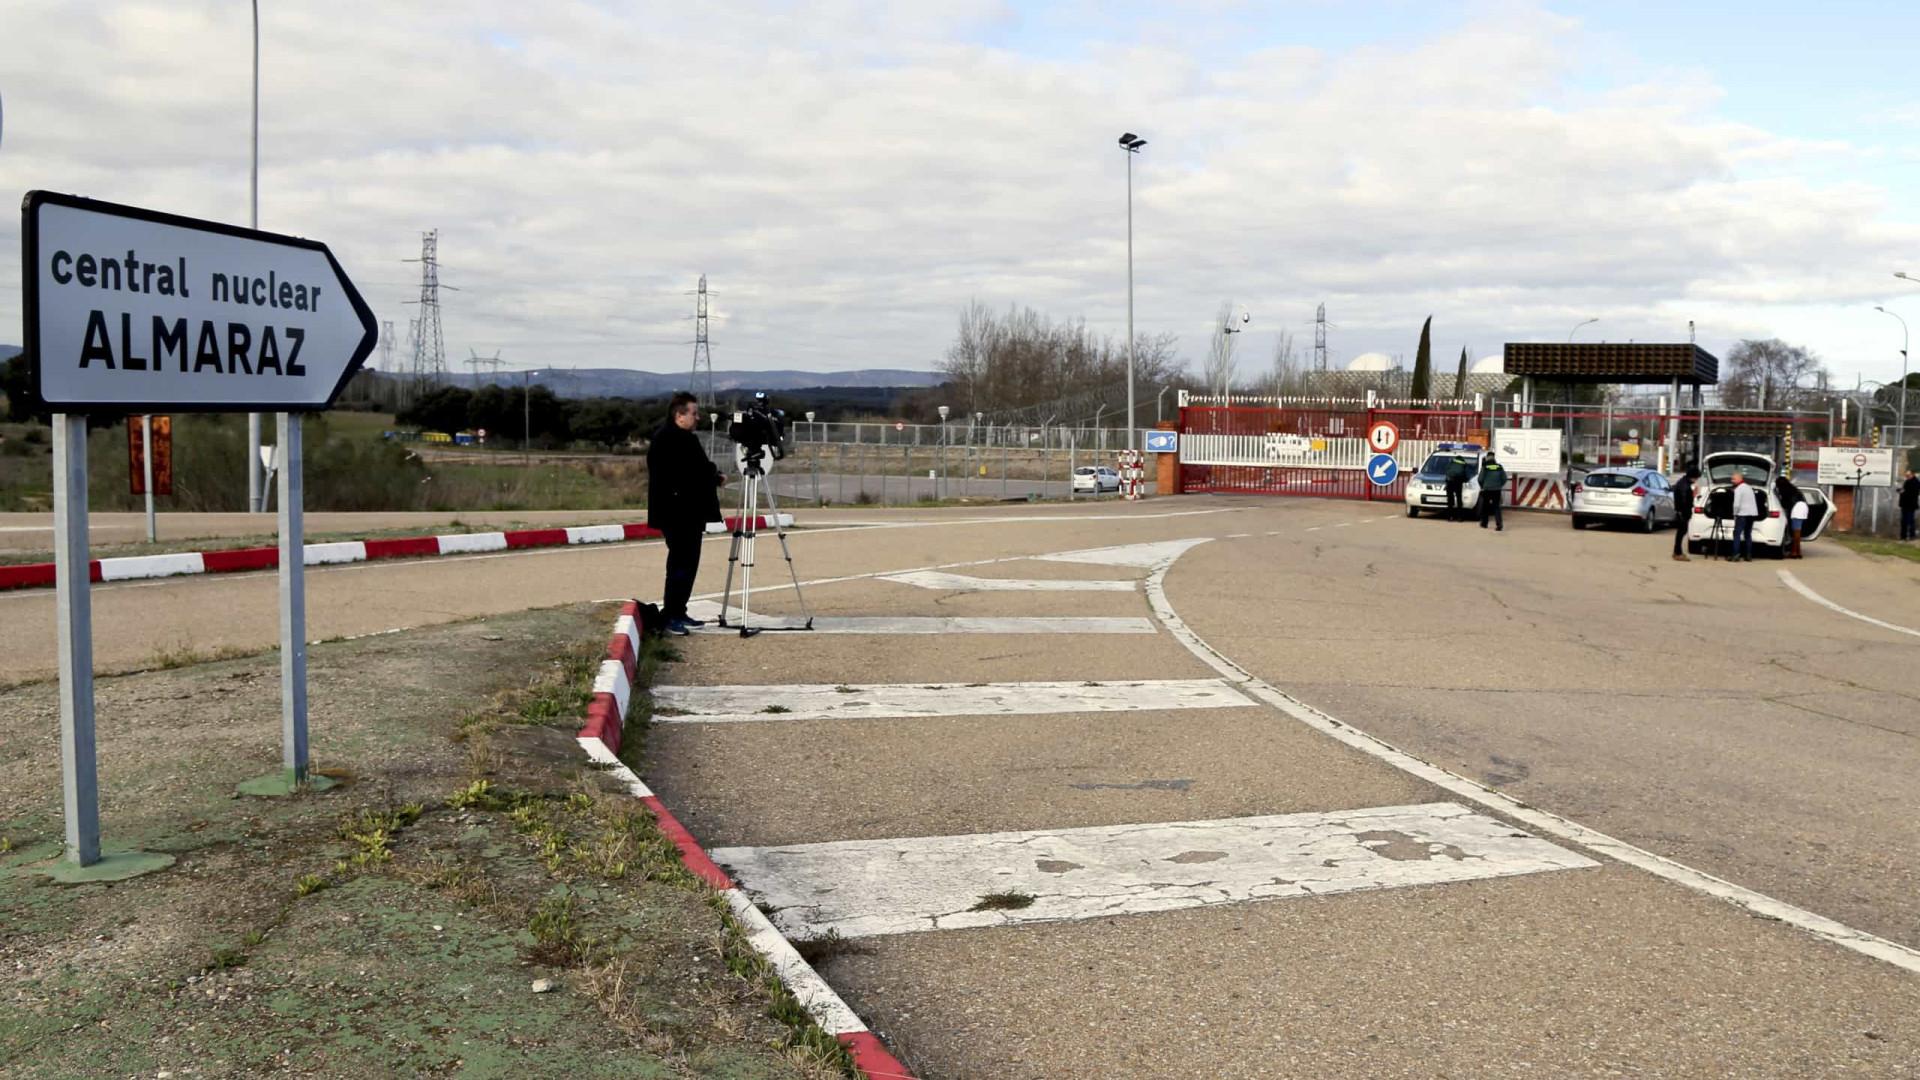 Espanha pretende encerrar central nuclear de Almaraz até julho de 2024